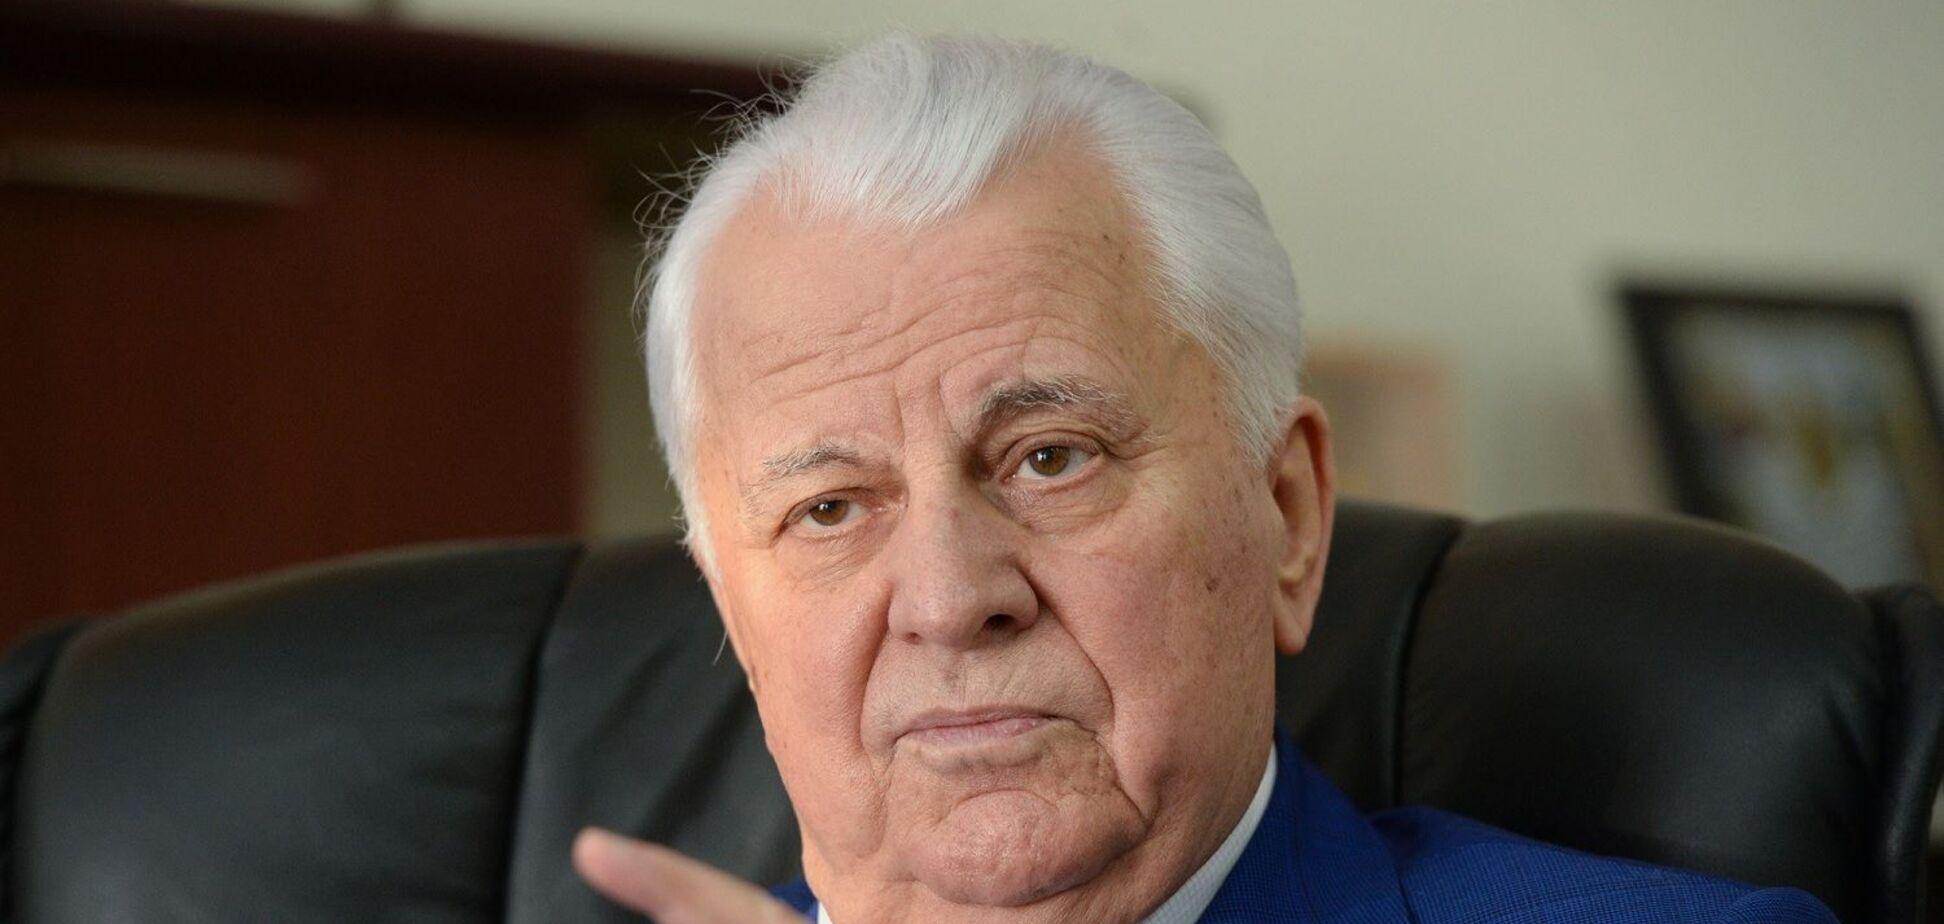 Кравчук не в том возрасте, чтобы оперативно и эффективно работать, – участник переговорной группы по Донбассу